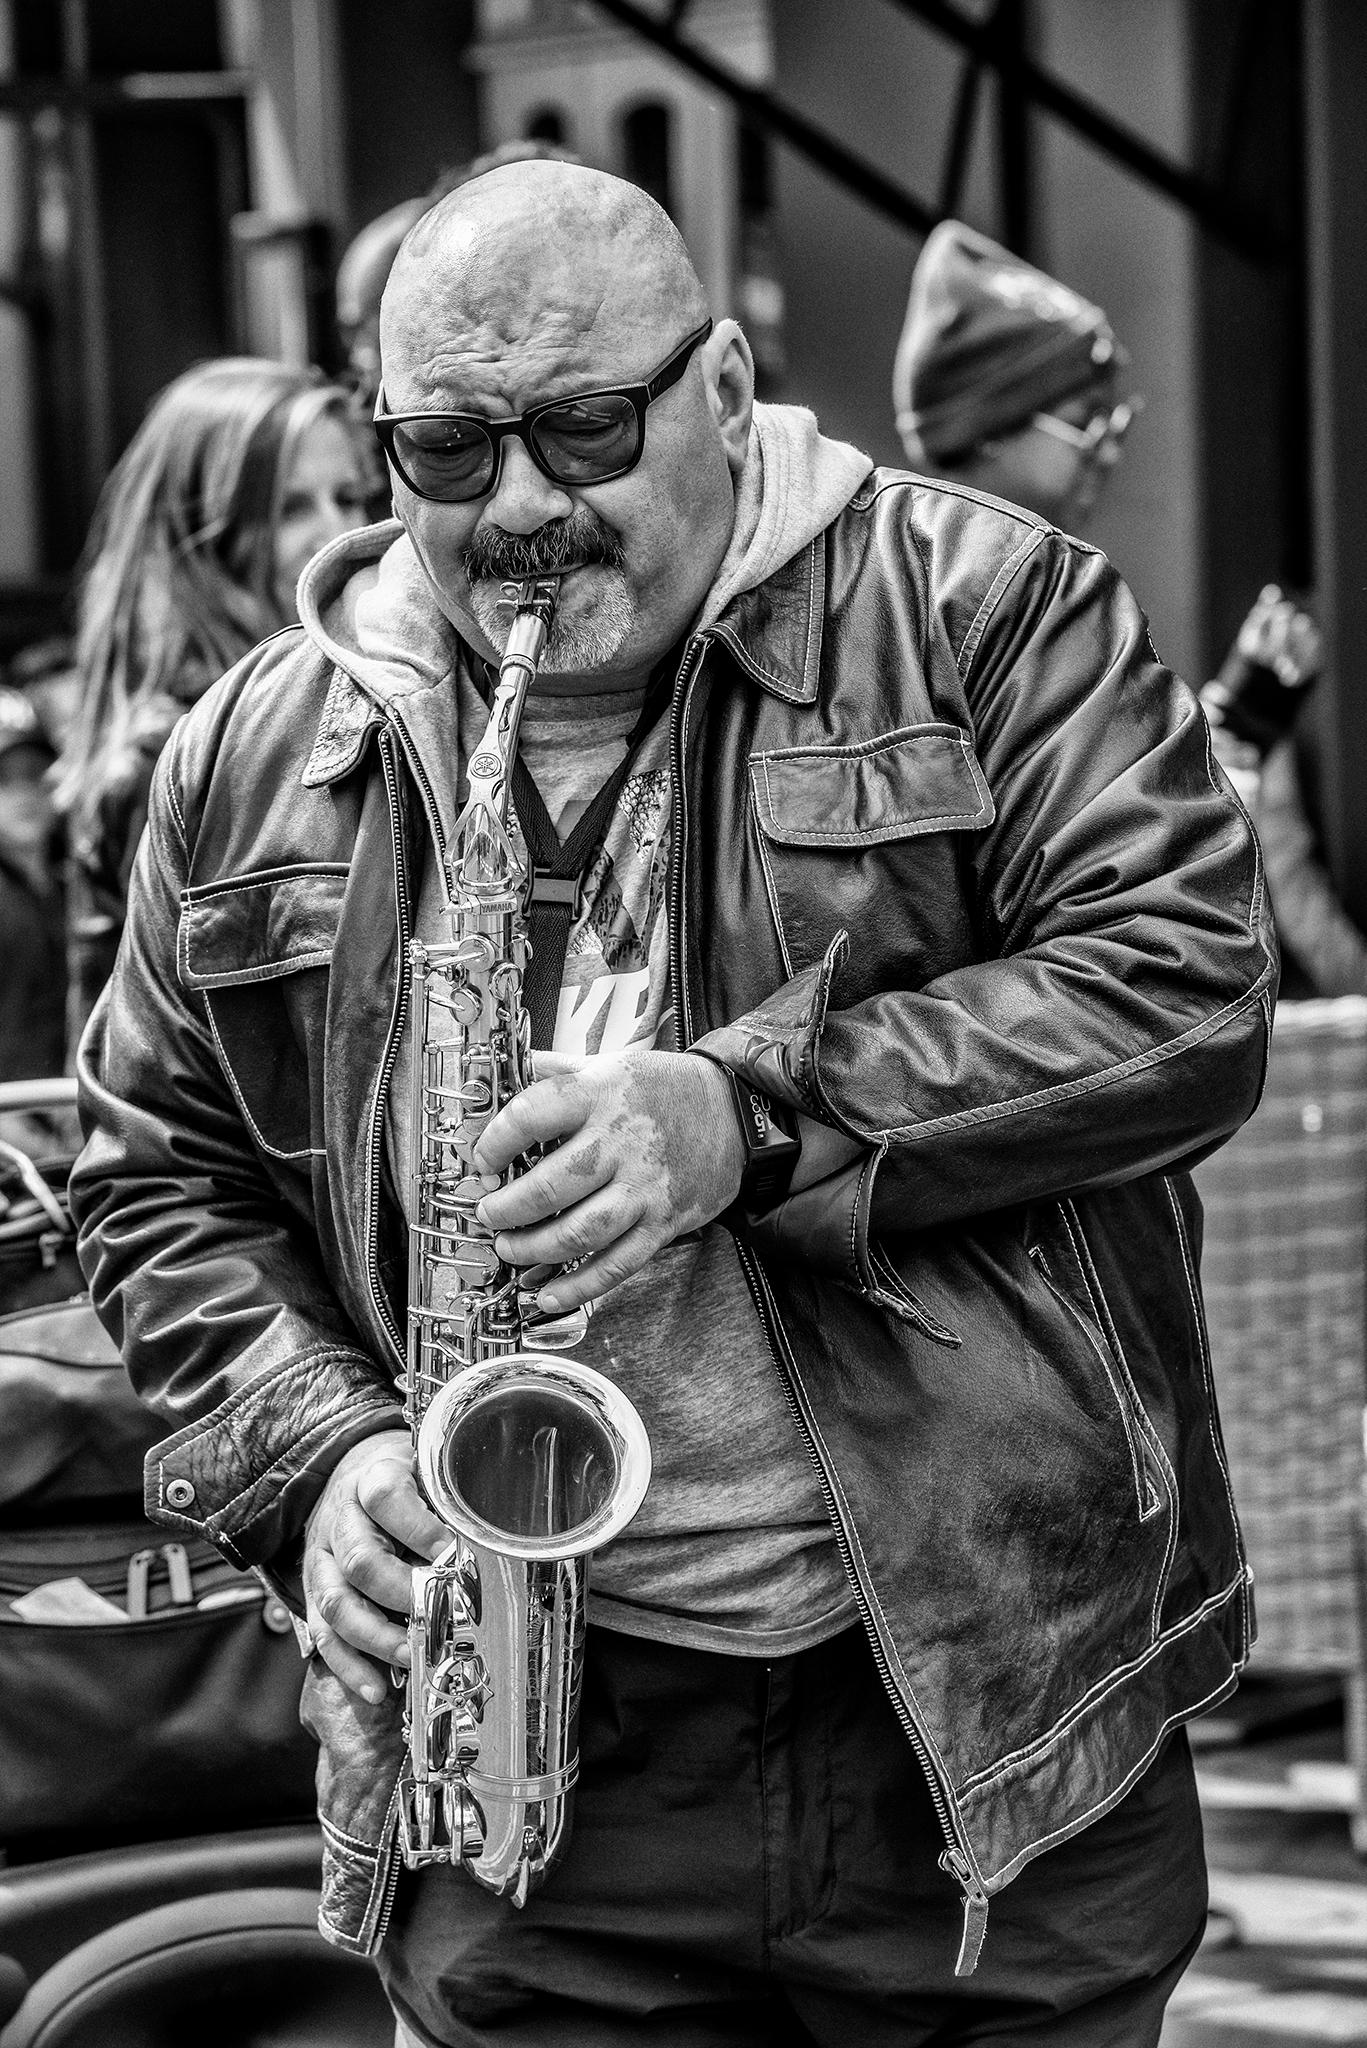 Portobello Sax Player - Nikon, D800E - toshmarshall   ello